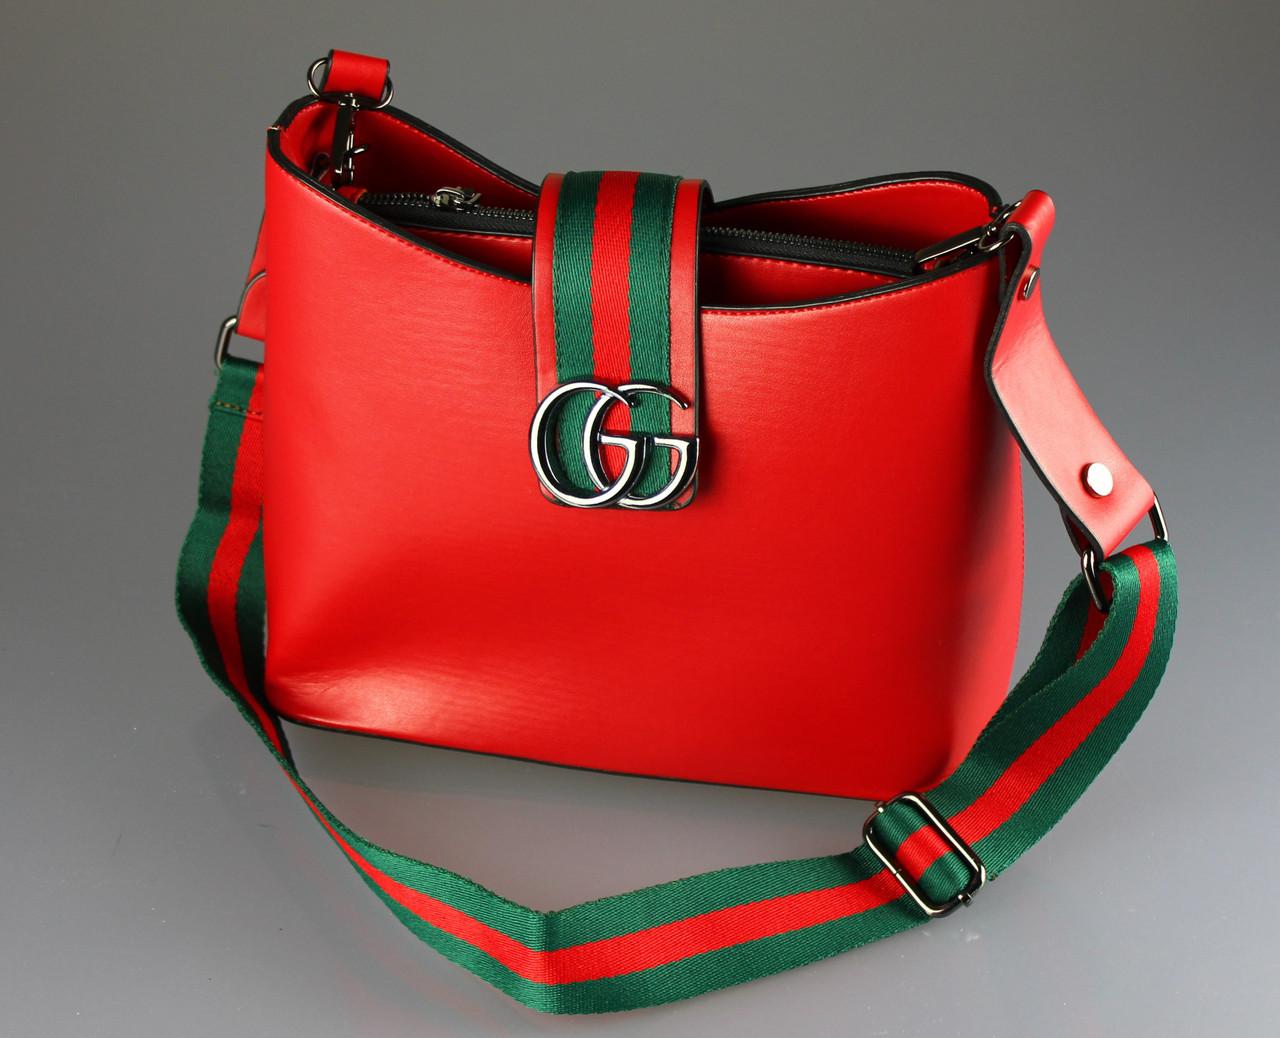 ff02304ed018 Женская сумка Gucci оптом. {есть:кремовый}: продажа, цена в Львове ...